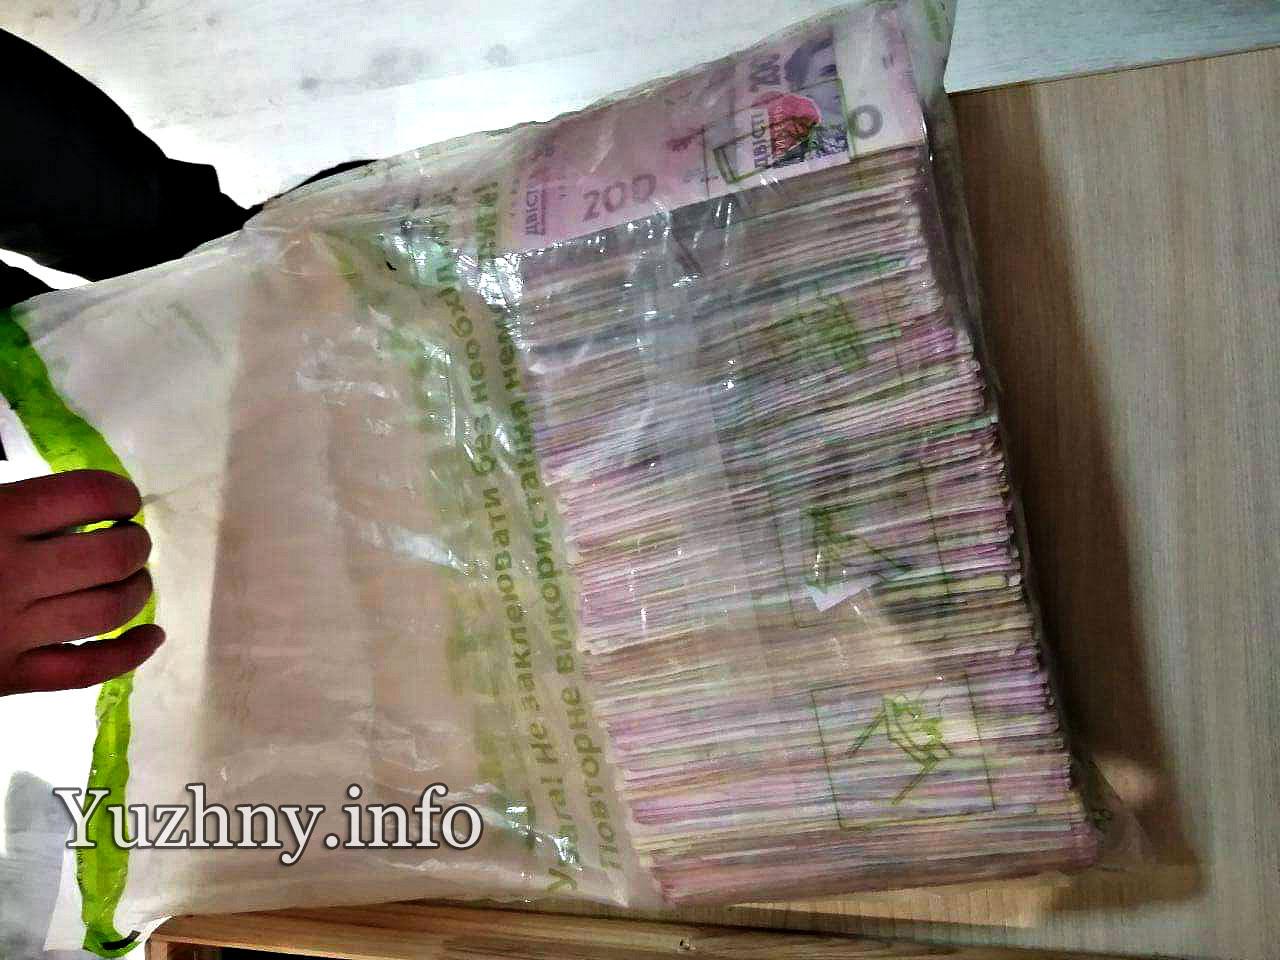 Комунальник відніс до поліції знайдені на дорозі 200 тисяч гривень, але йому не повірили